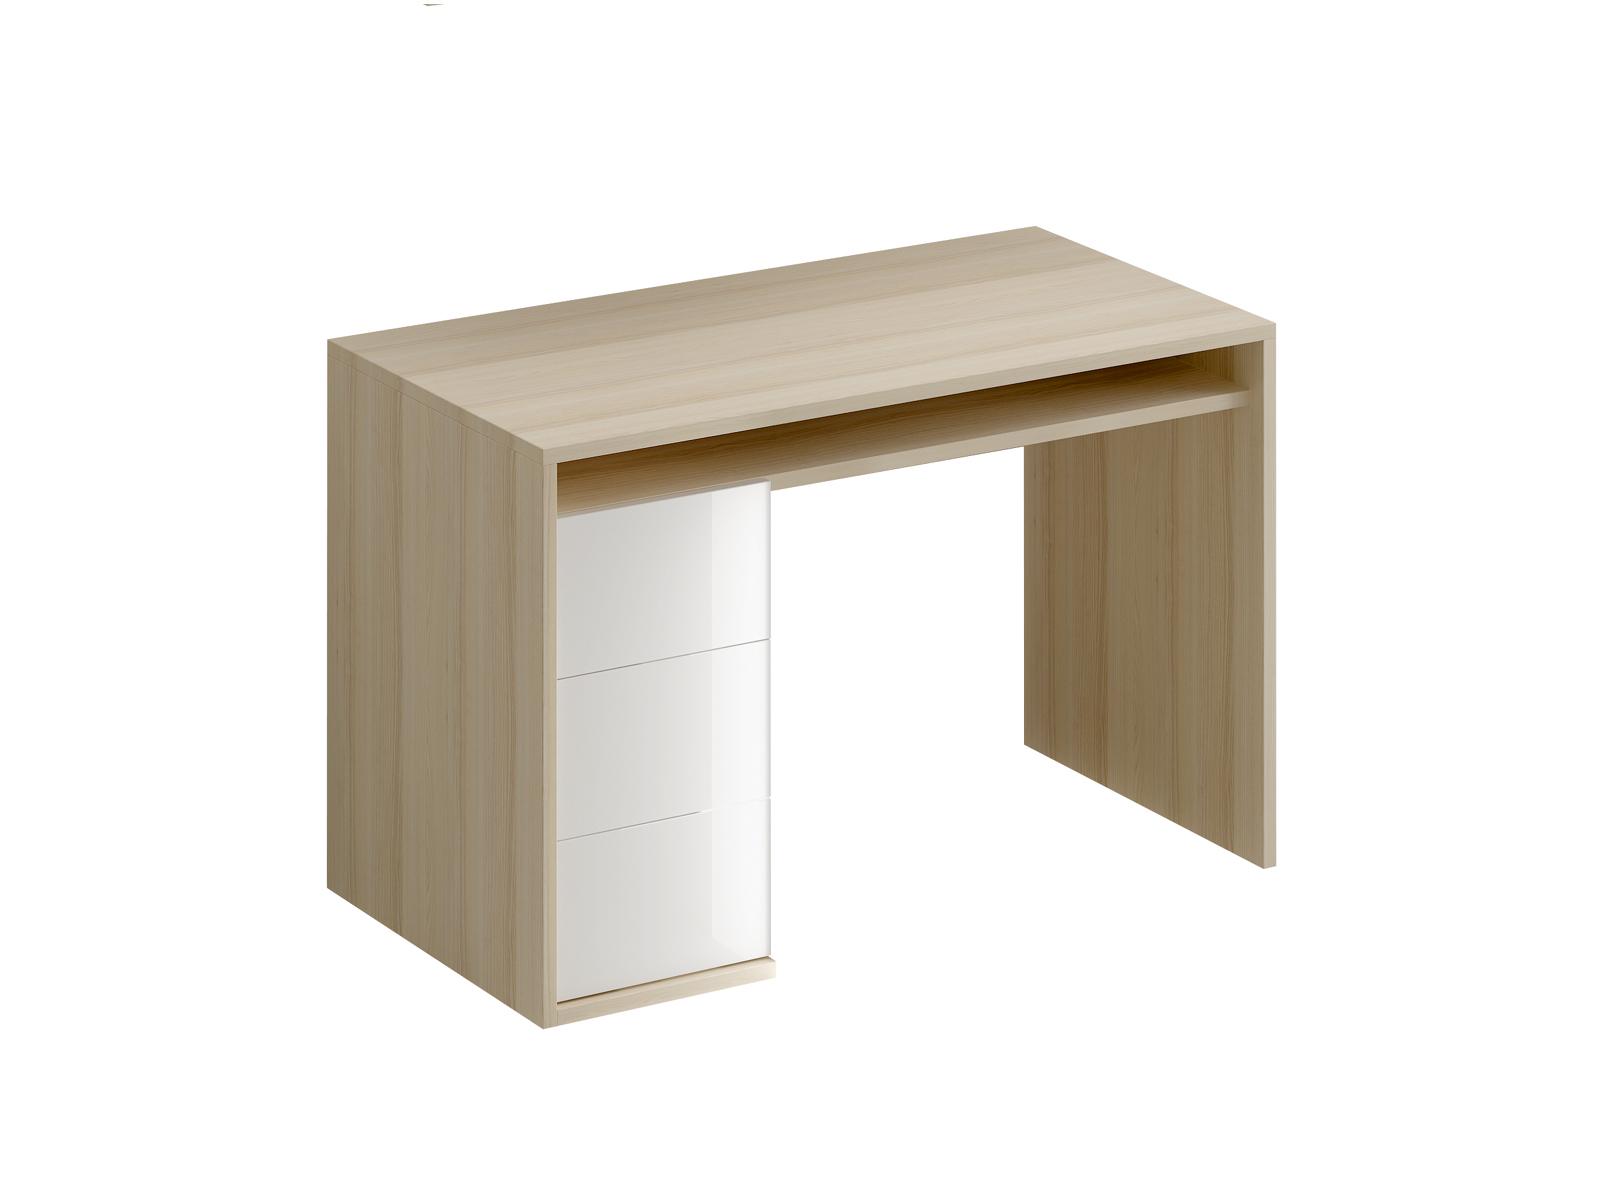 Стол письменный Mix PlusПисьменные столы<br>Стол письменный с одной тумбой. В тумбе расположено три выдвижных ящика. Под столешницей имеется ниша. В столешнице имеется отверствие для вывода кабеля<br><br>Material: ДСП<br>Ширина см: 118<br>Высота см: 76<br>Глубина см: 60